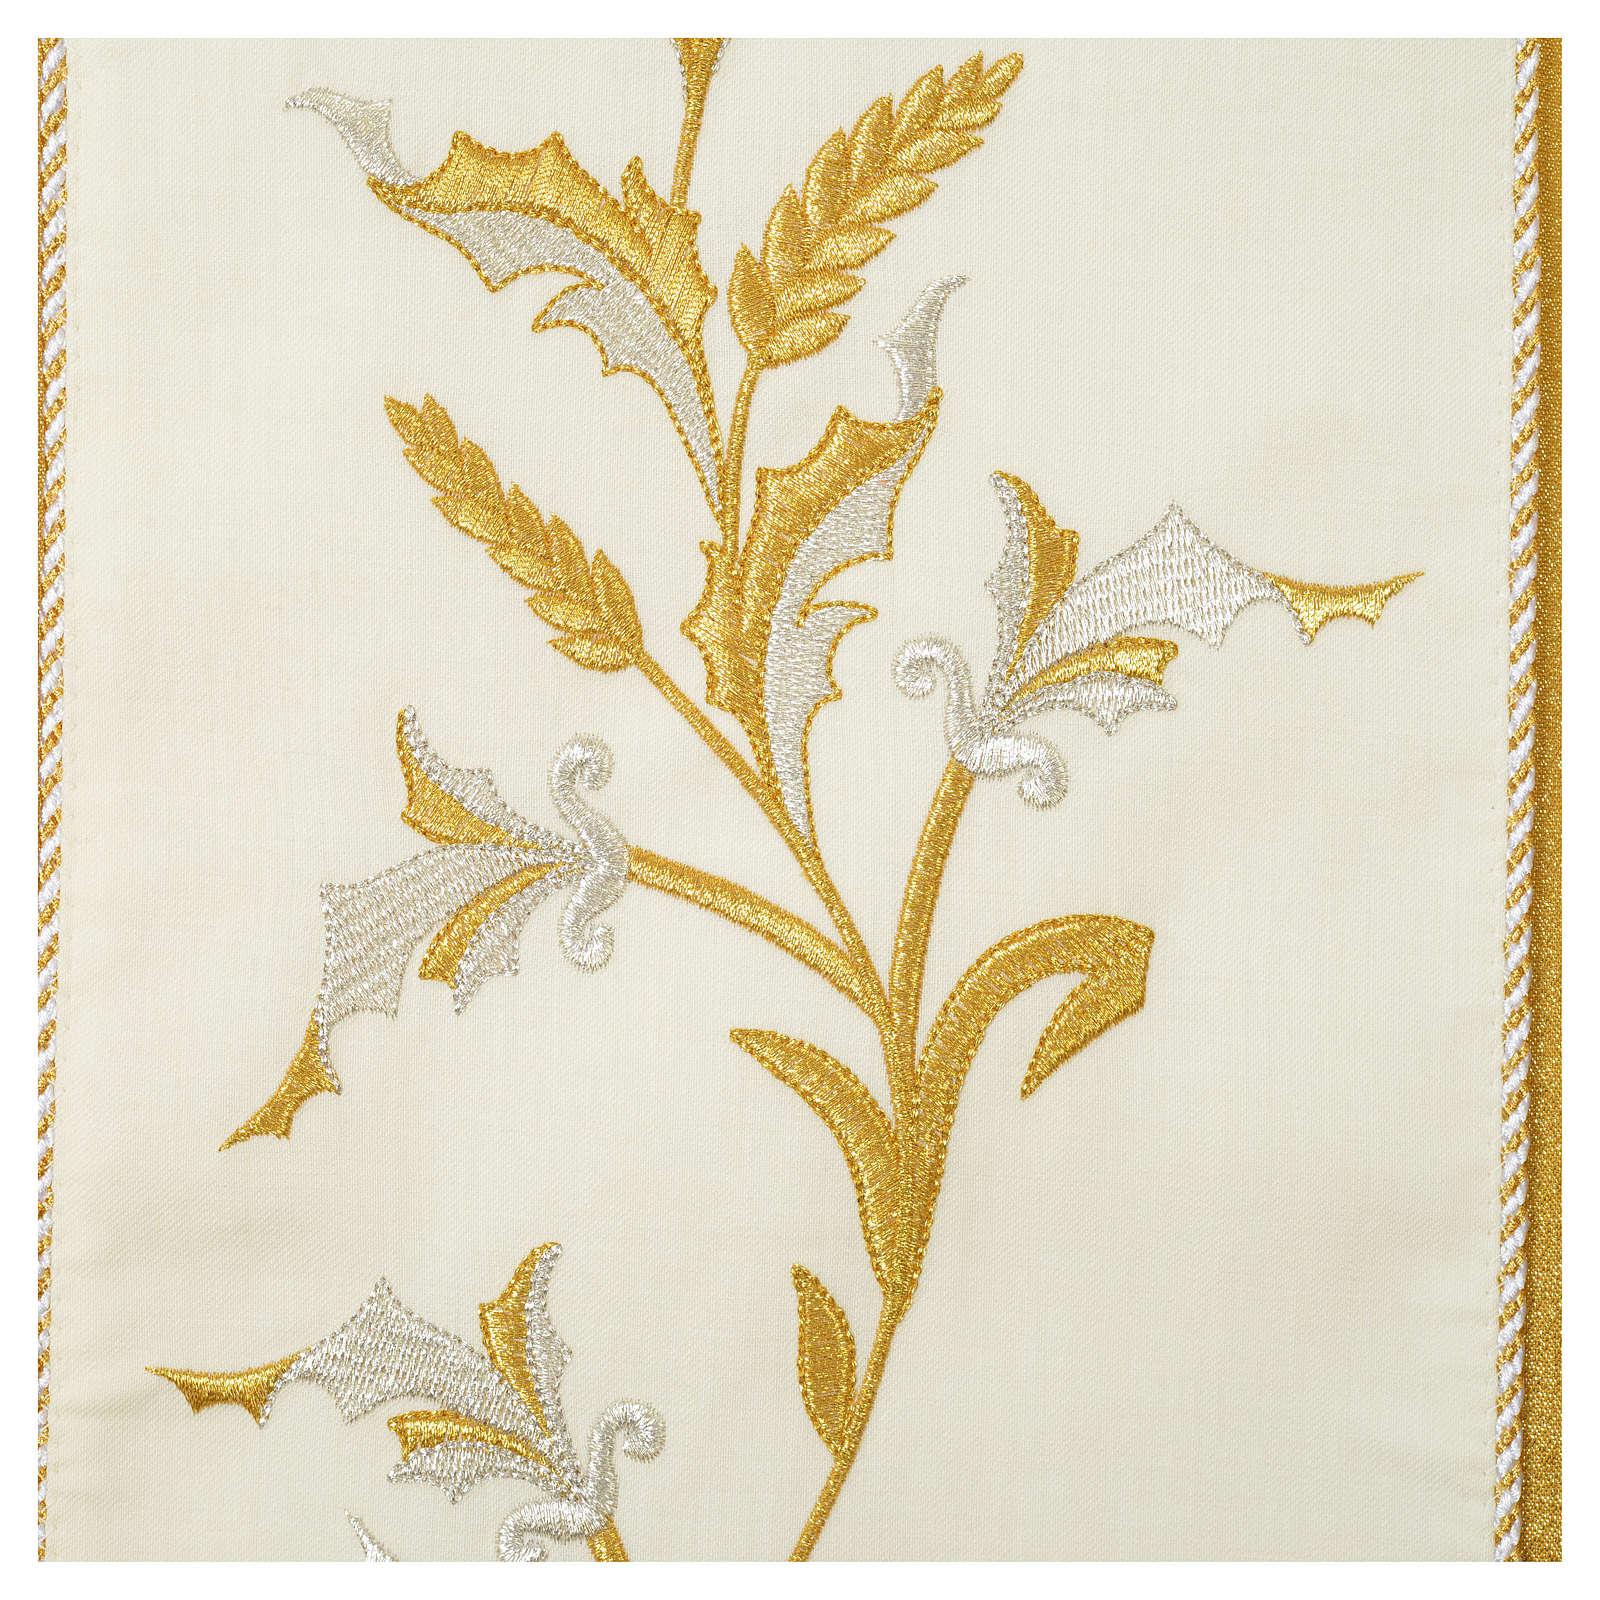 Casula oro 100% pura lana vergine doppio ritorto ricamo fascione 4